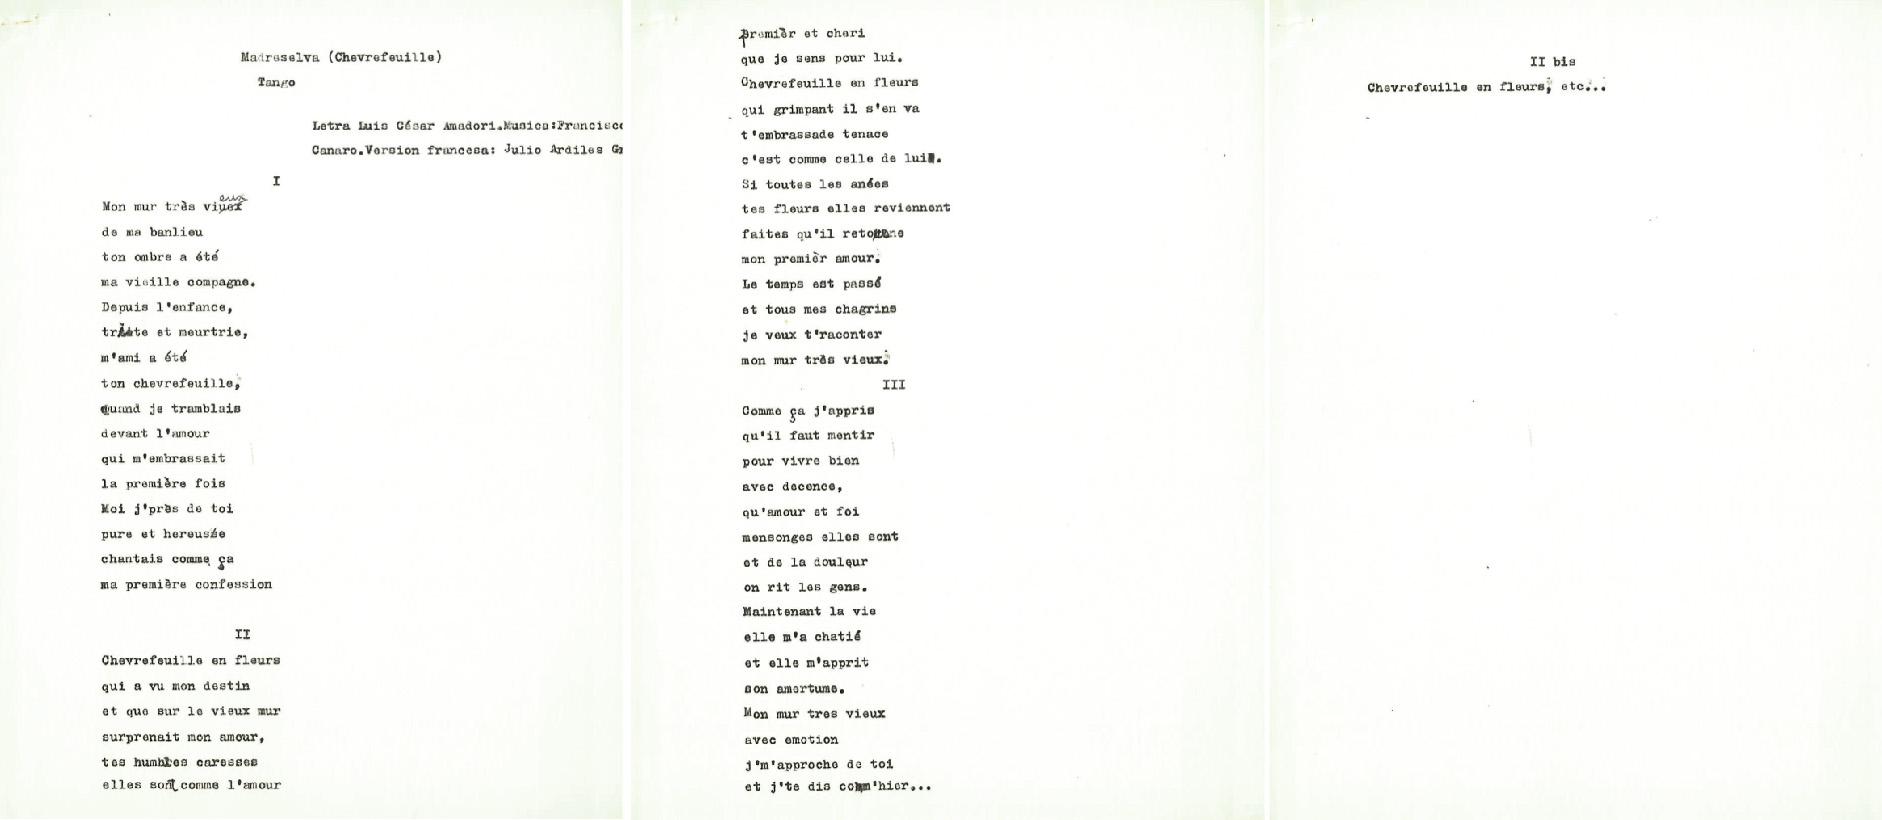 Traducciones Julio Ardiles Gray